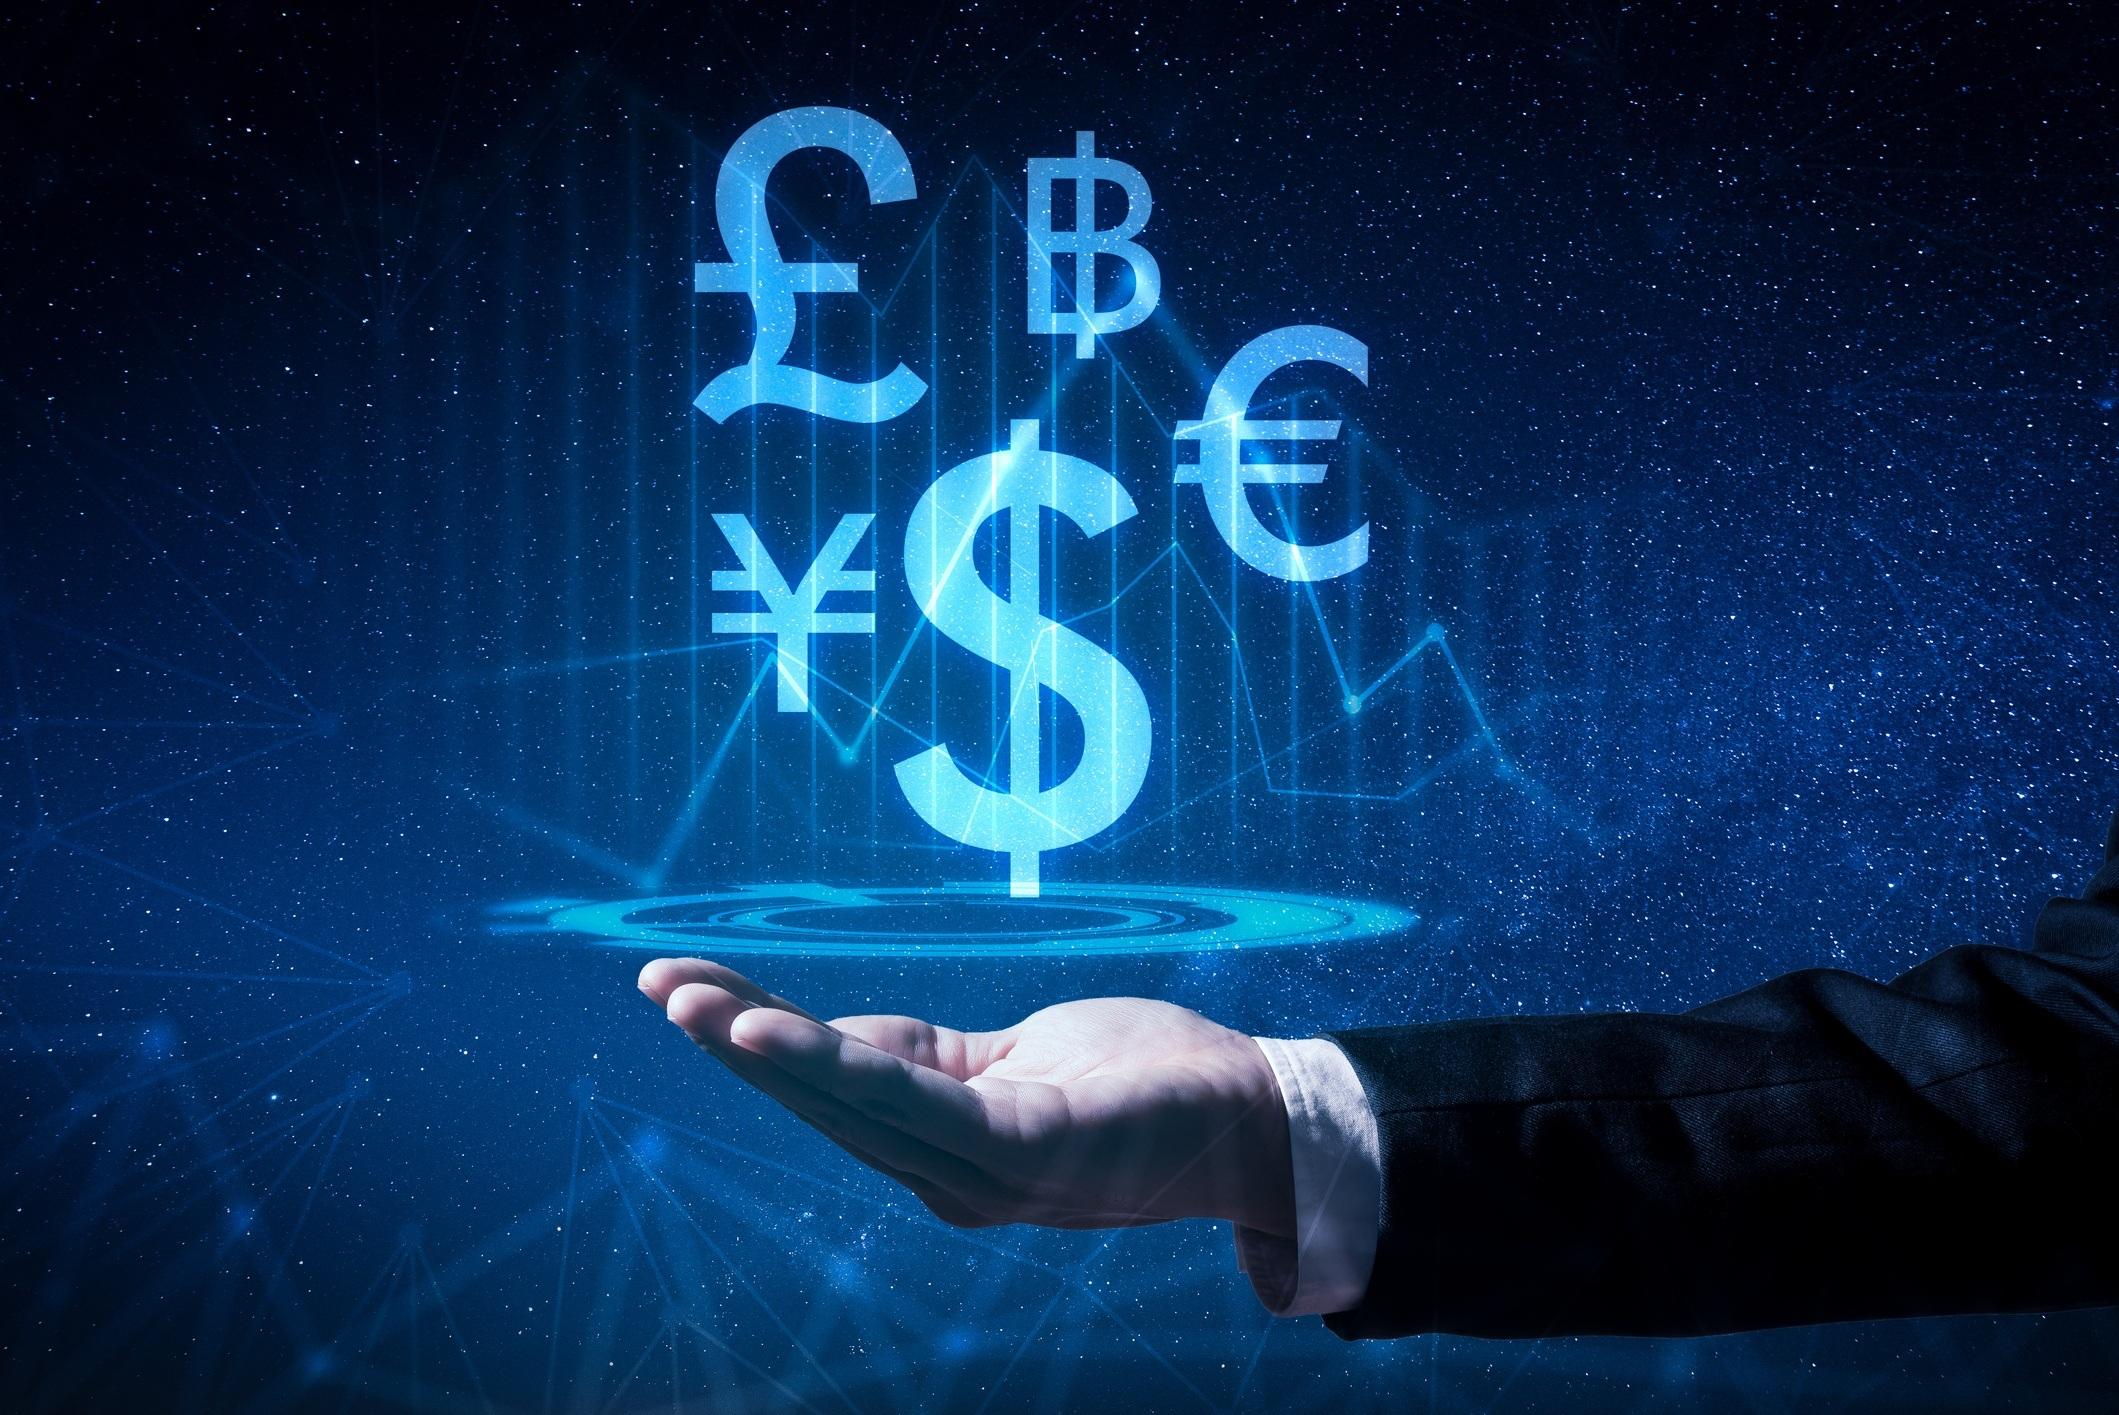 Tự do hoá quản lí ngoại hối và các luồng vốn quốc tế là gì? Ý nghĩa - Ảnh 1.